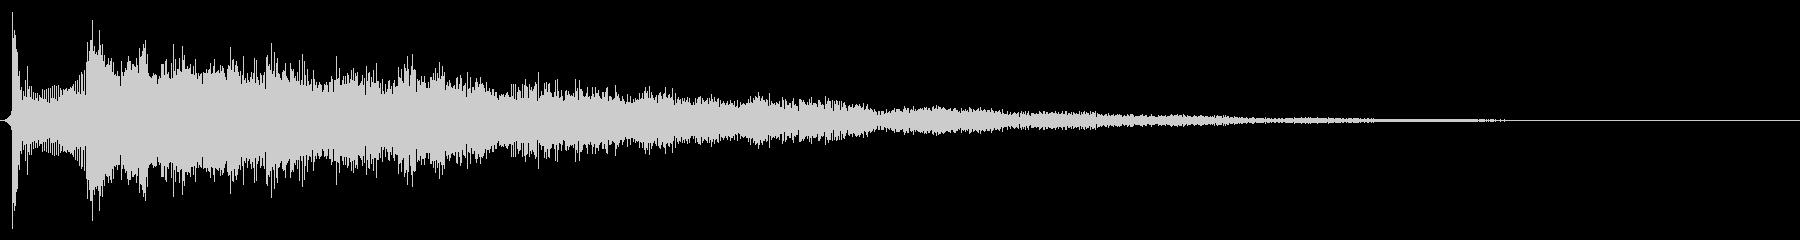 サウンドロゴ想定クールなエレキギターの未再生の波形